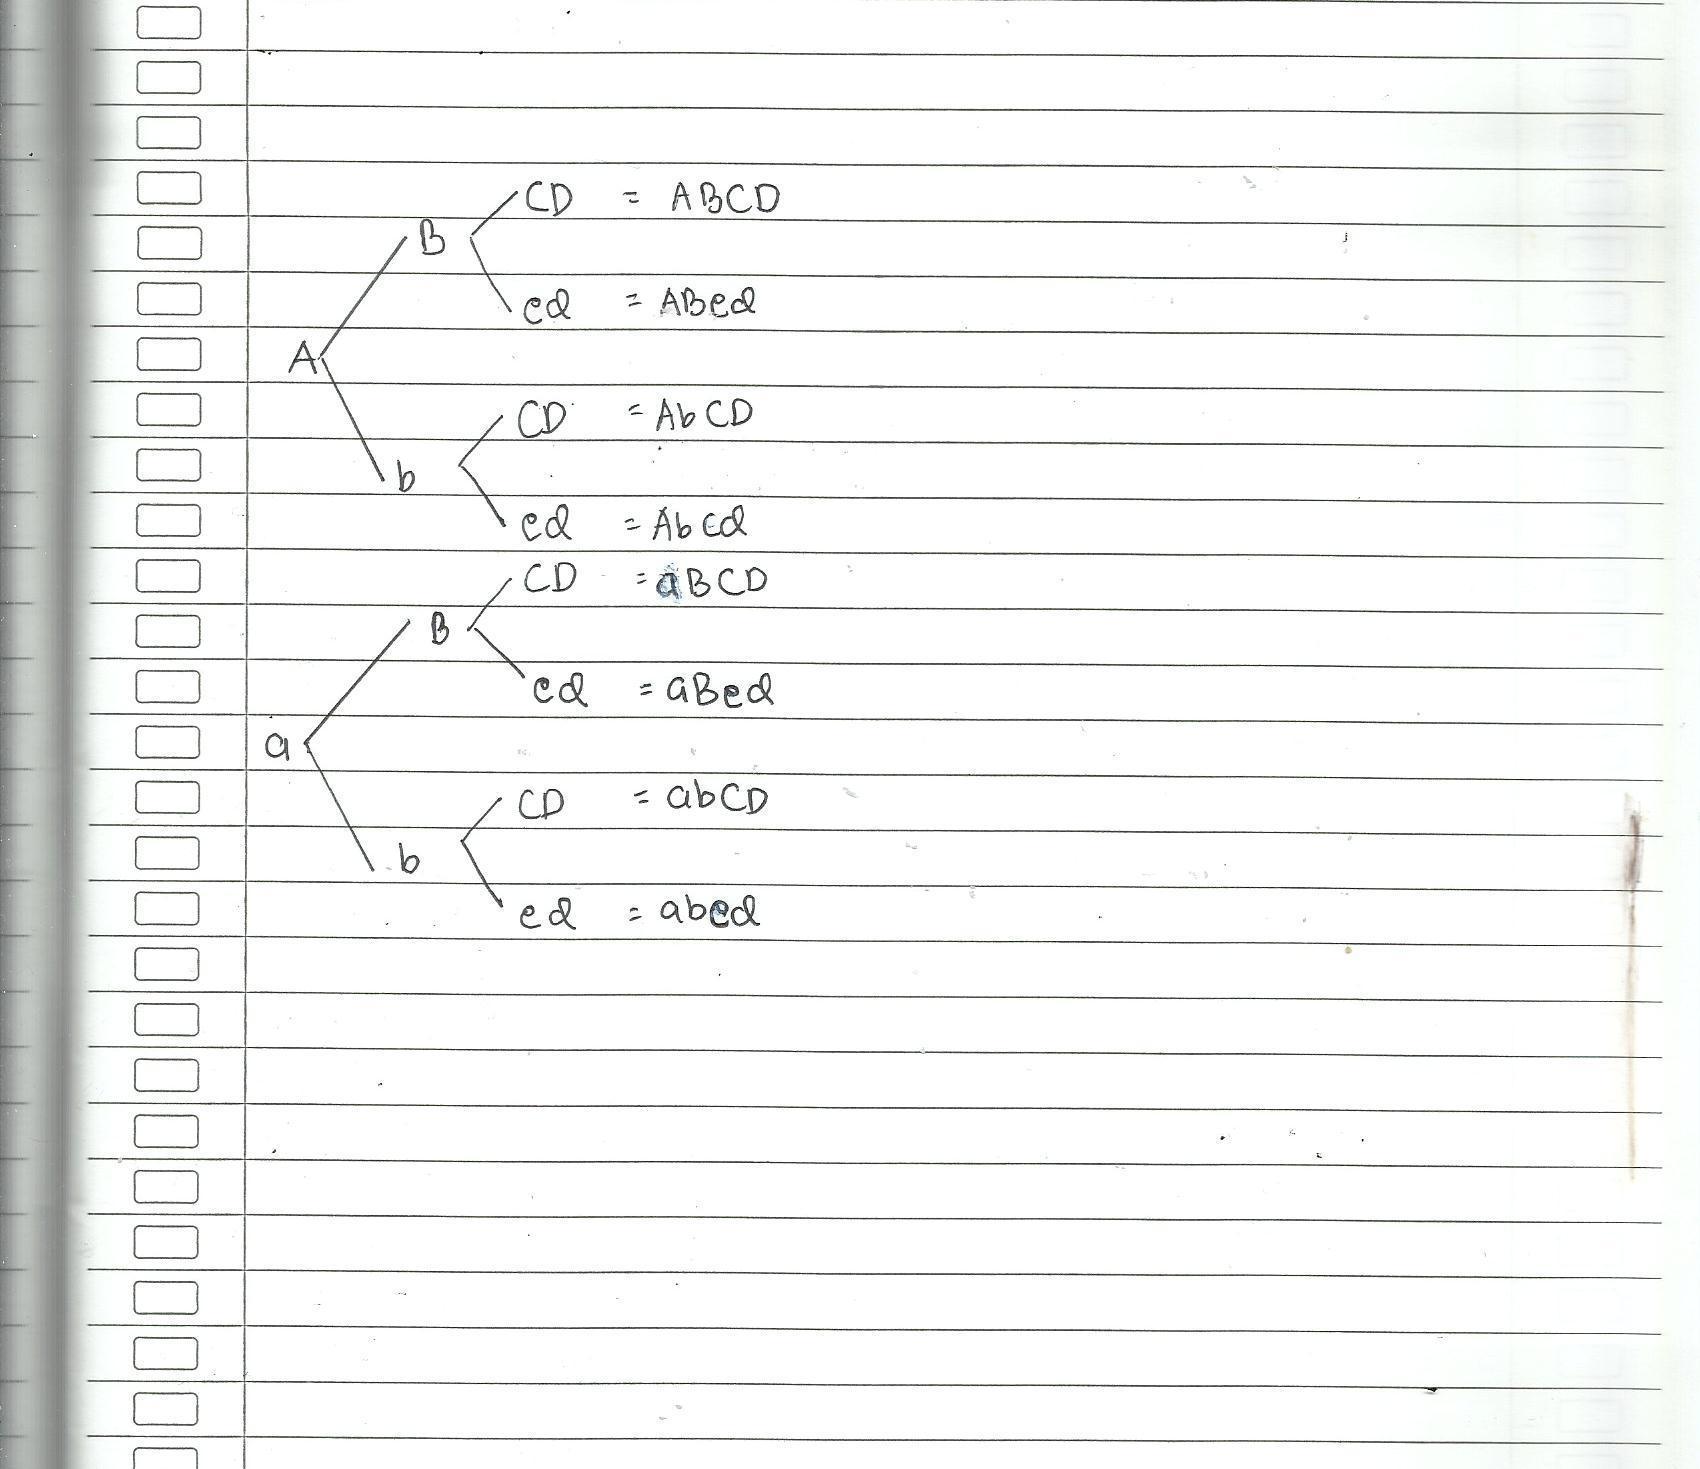 Jika individu bergenotif aabbccdd gen c dan d bertautan maka mencari gamet bisa menggunakan diagram garpu seperti yang saya lampirkan ccuart Choice Image